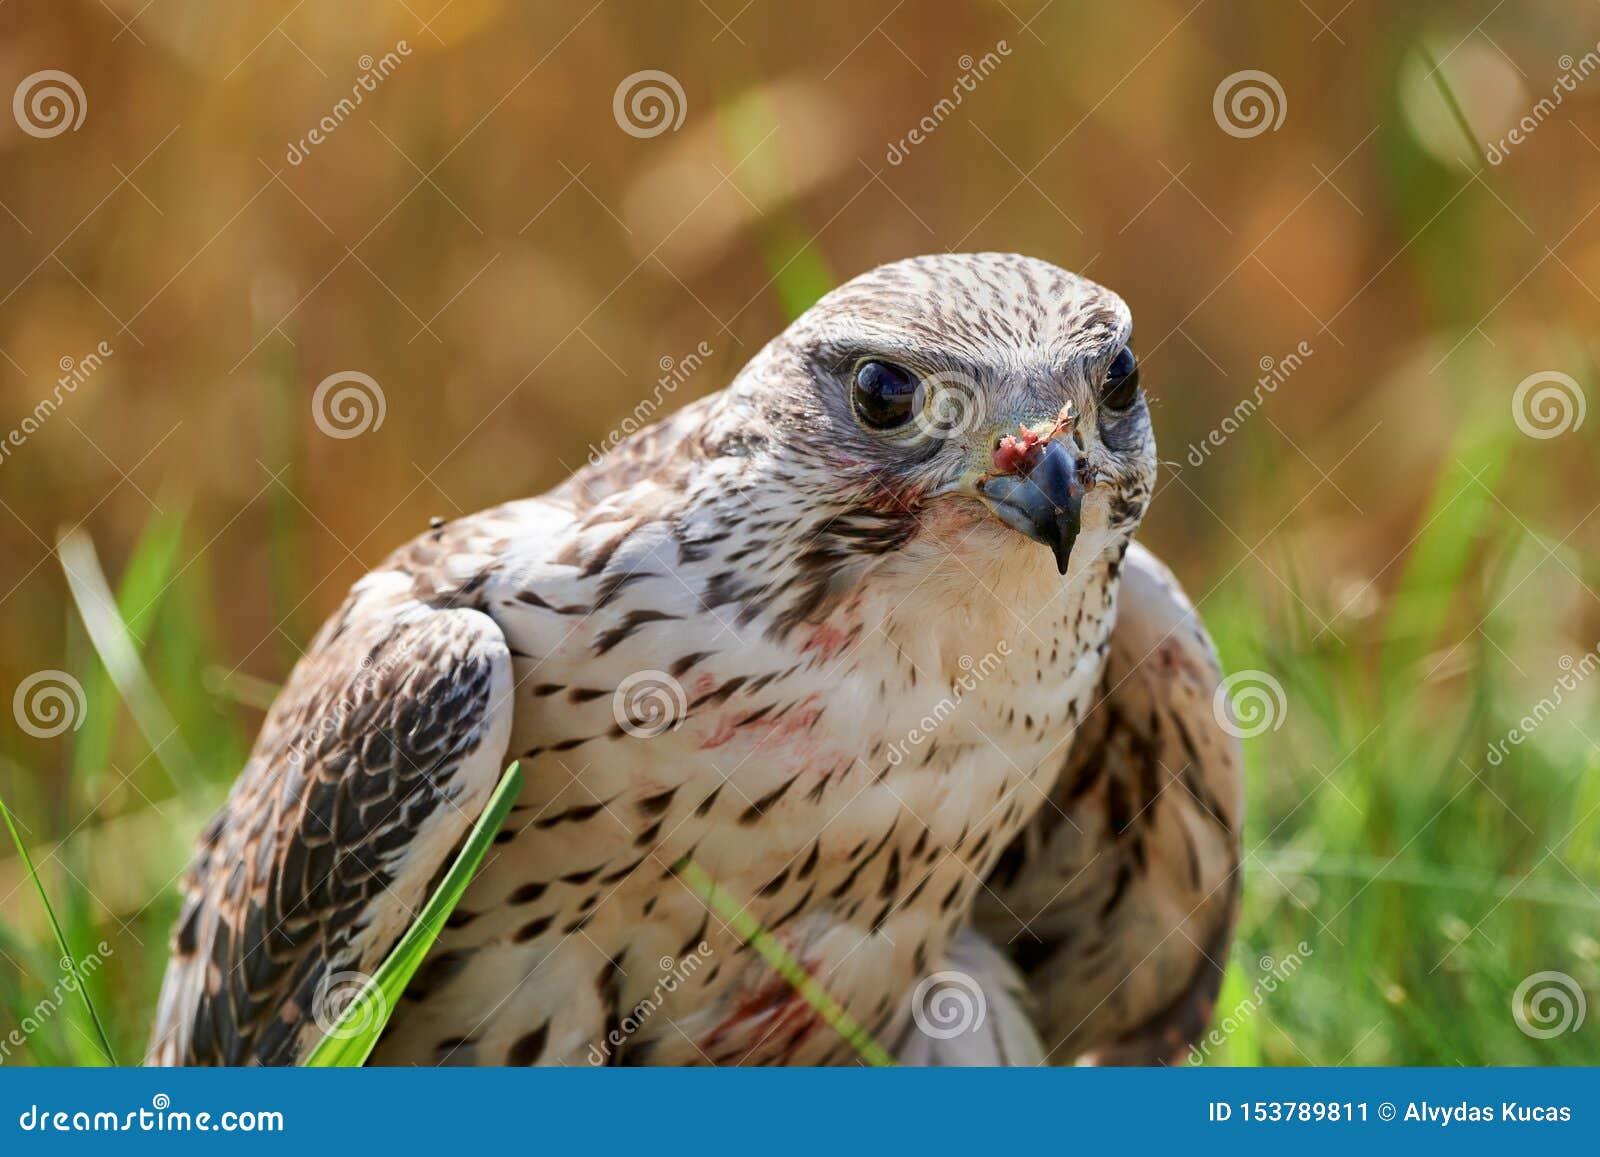 Alimentations de faucon sur la chair de l oiseau capturé